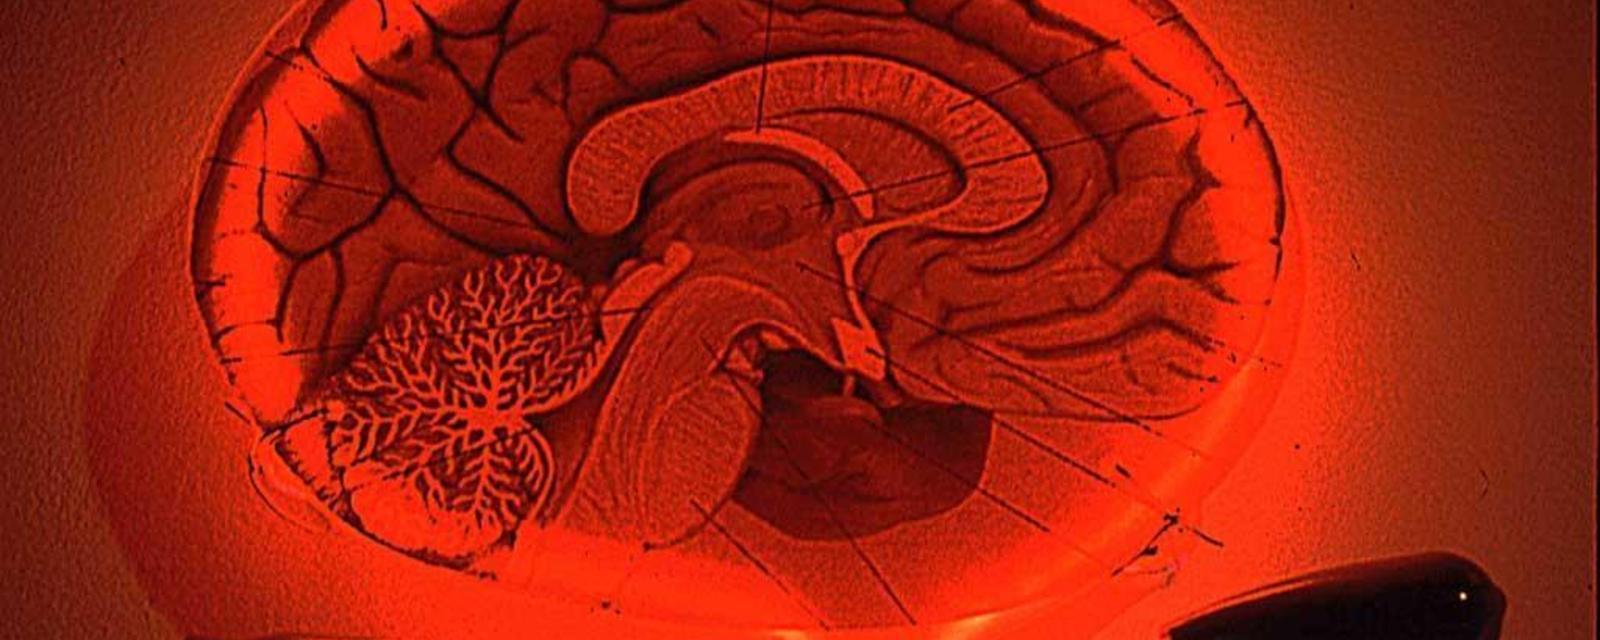 心灵超能力:你若看到大脑变化 可让你忘掉疼痛